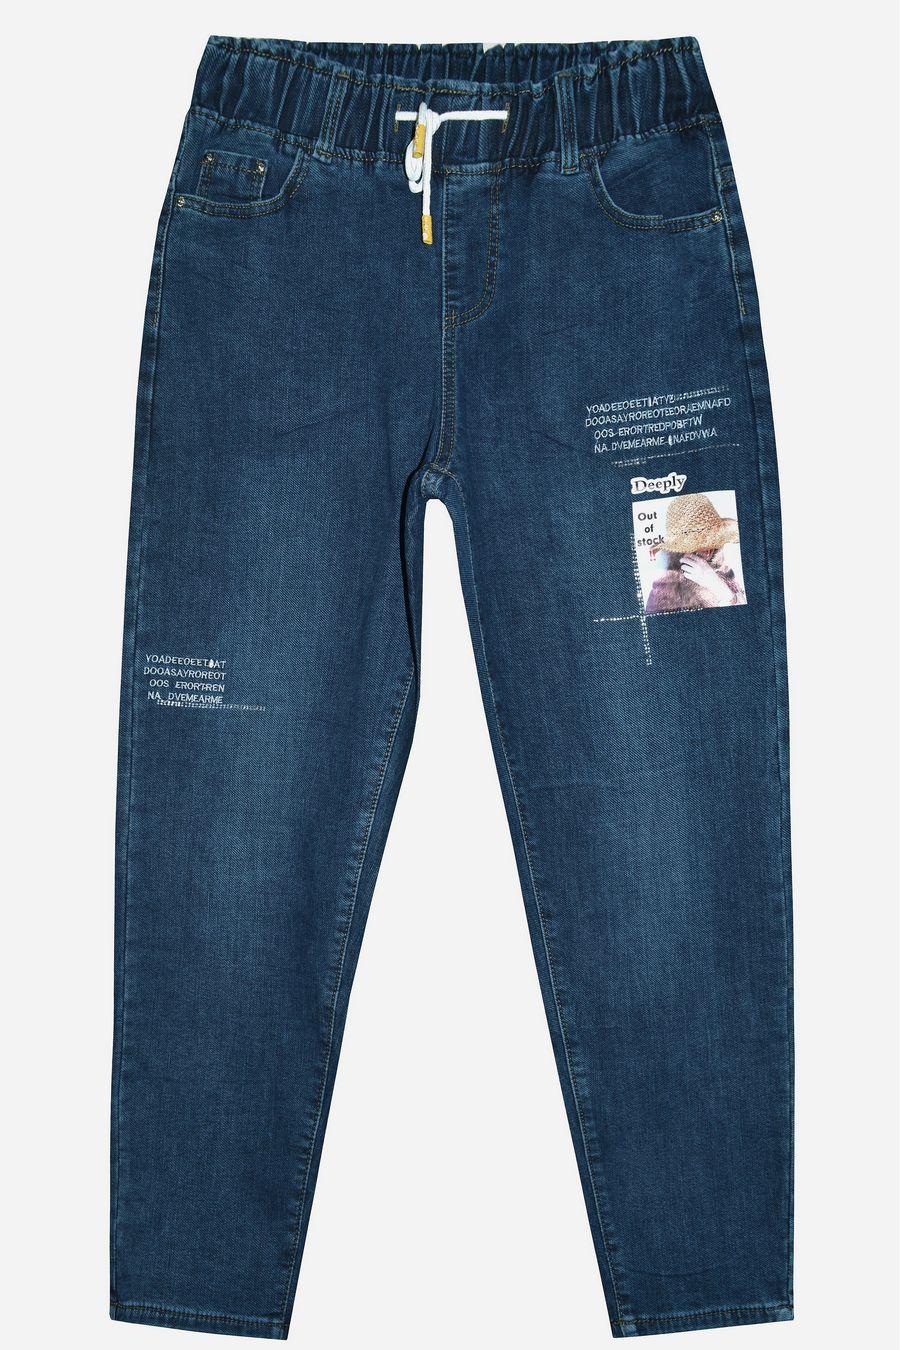 Джинсы женские K.Y Jeans 171 утепленные - фото 1